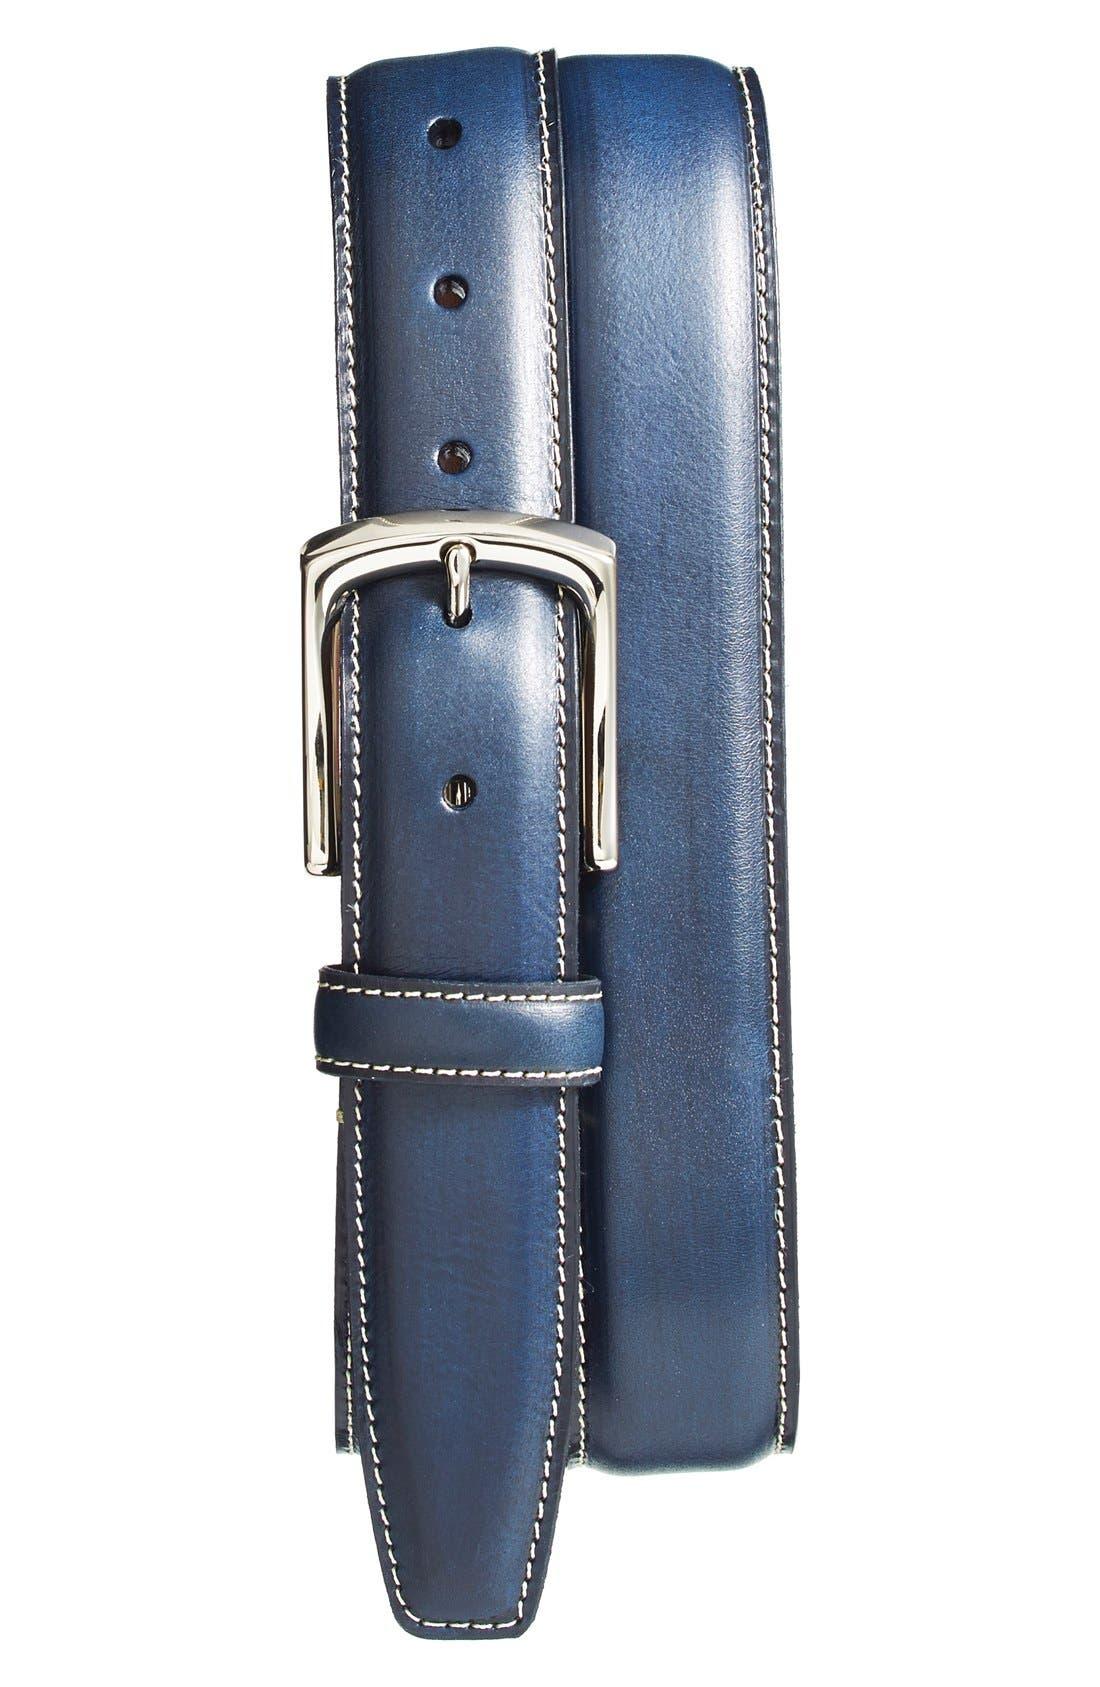 Alternate Image 1 Selected - Torino Belts Burnished Leather Belt